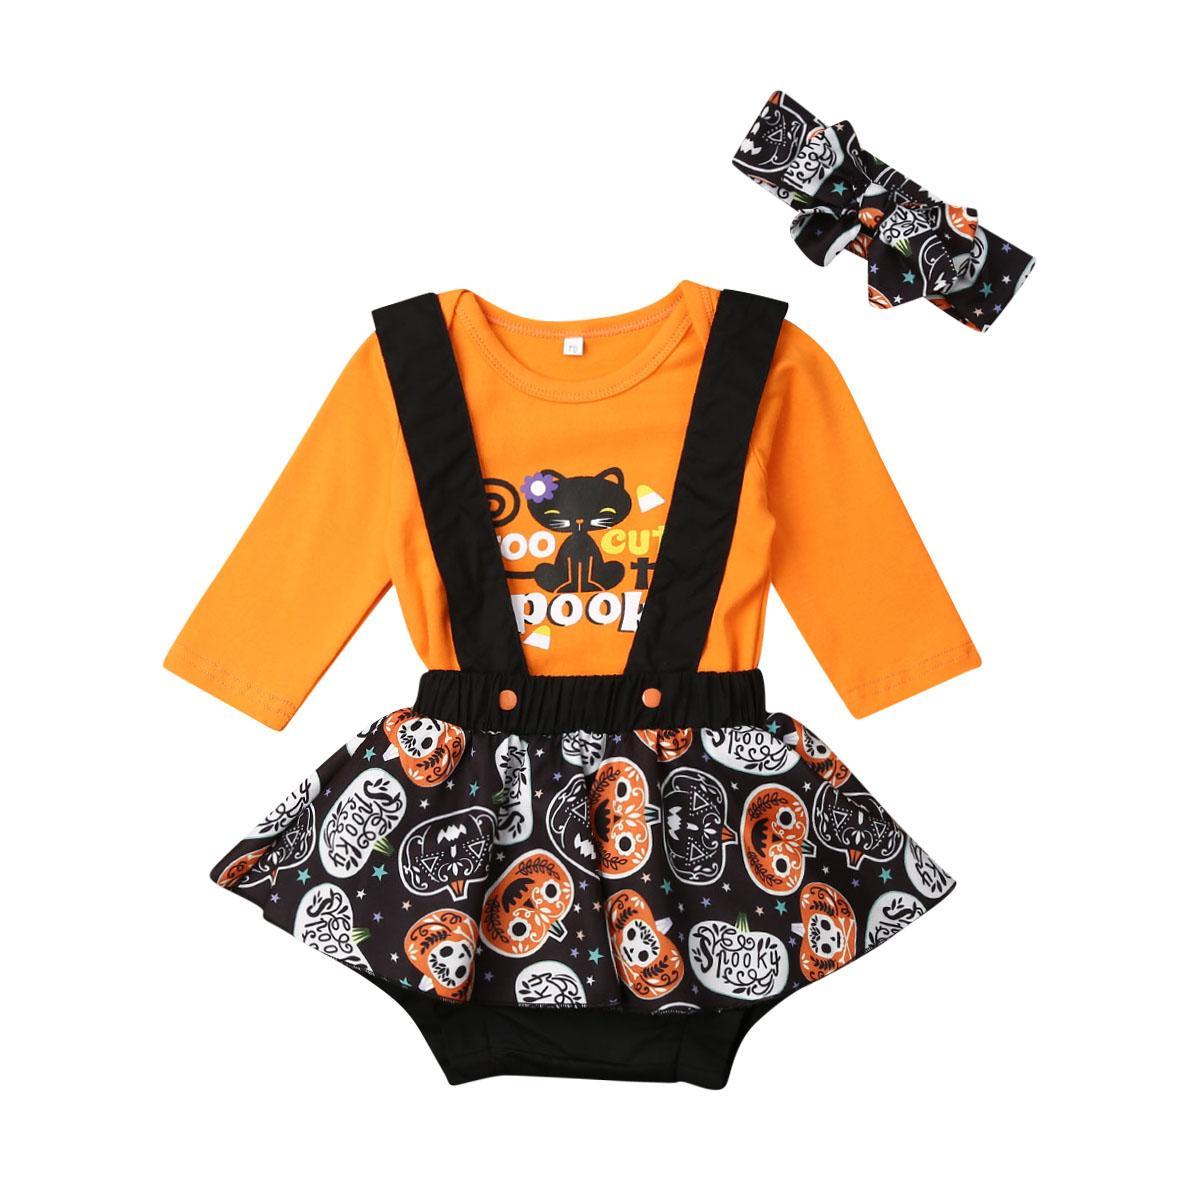 0-2T 브랜드 뉴 아이 신생아 유아 아기 호박 점프 수트는 머리띠 3PCS 할로윈 의상 세트 + + 턱받이 바지 탑